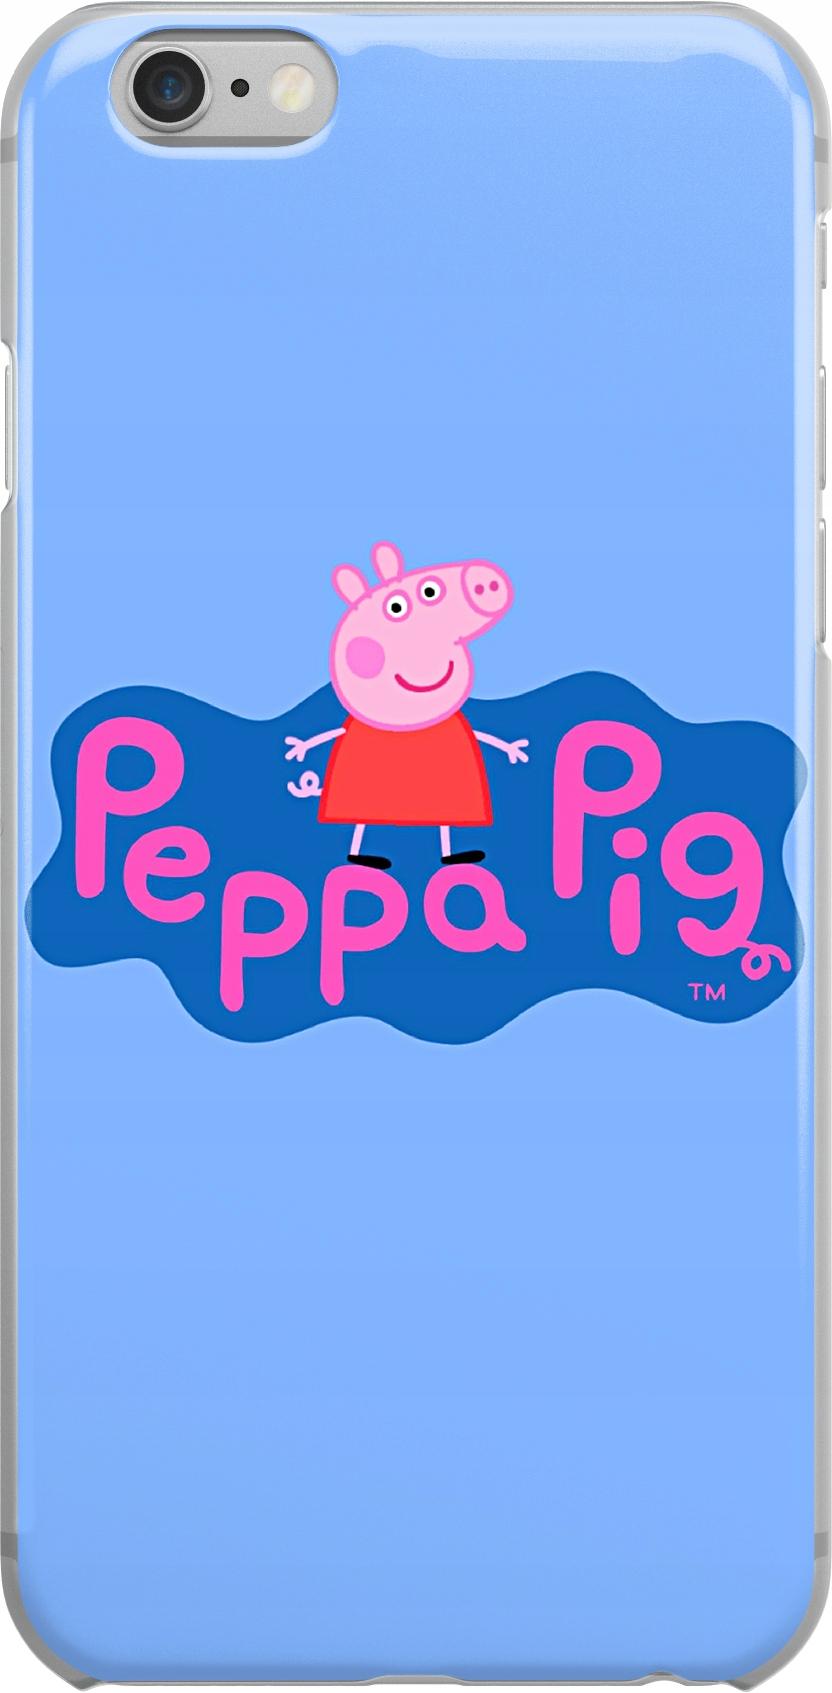 Etui Wzory Peppa Huawei W1